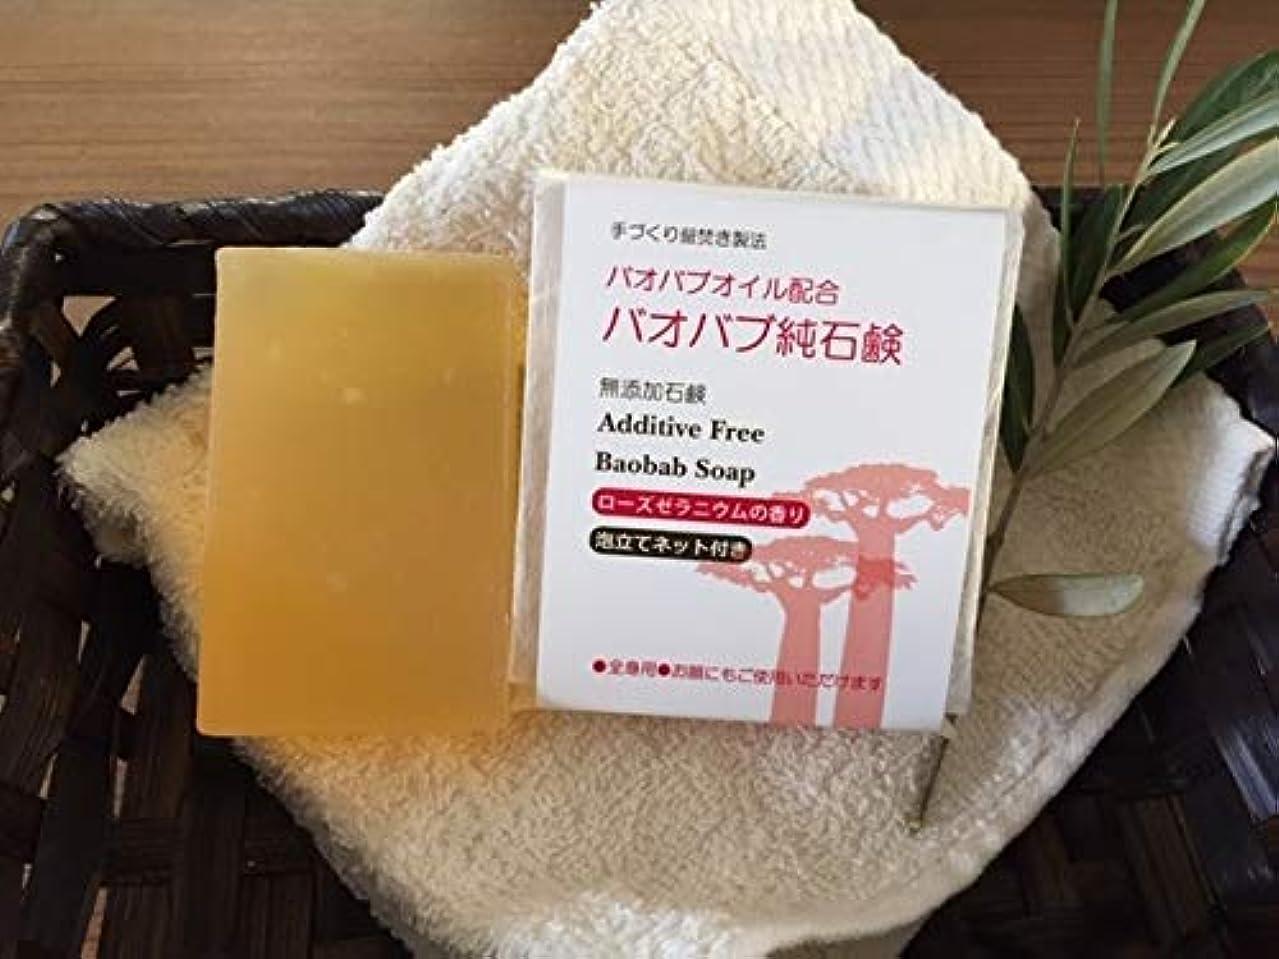 バナー天国天窓手づくり釜焚き石鹸 バオバブ純石鹸 ローズゼラニウムの香り 130gバス用ジャンボサイズ 『ゴールド 未精製 バオバブオイル配合』 有機栽培のバオバブオイルをたっぷり配合しました